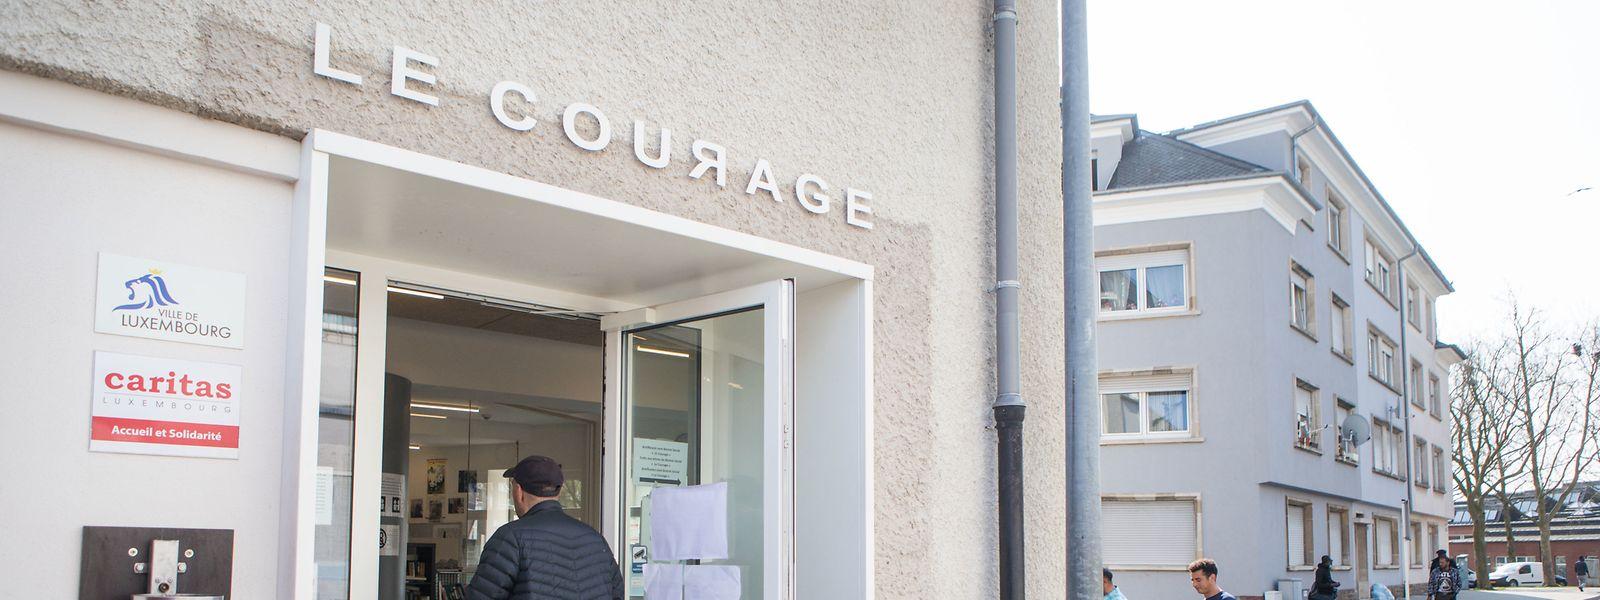 """Sich hinsetzen und länger bleiben, geht im Sozialbistro """"Le Courage"""" in Bonneweg bei der aktuellen Lage nicht. Stattdessen gibt es Essen und Getränke zum Mitnehmen."""